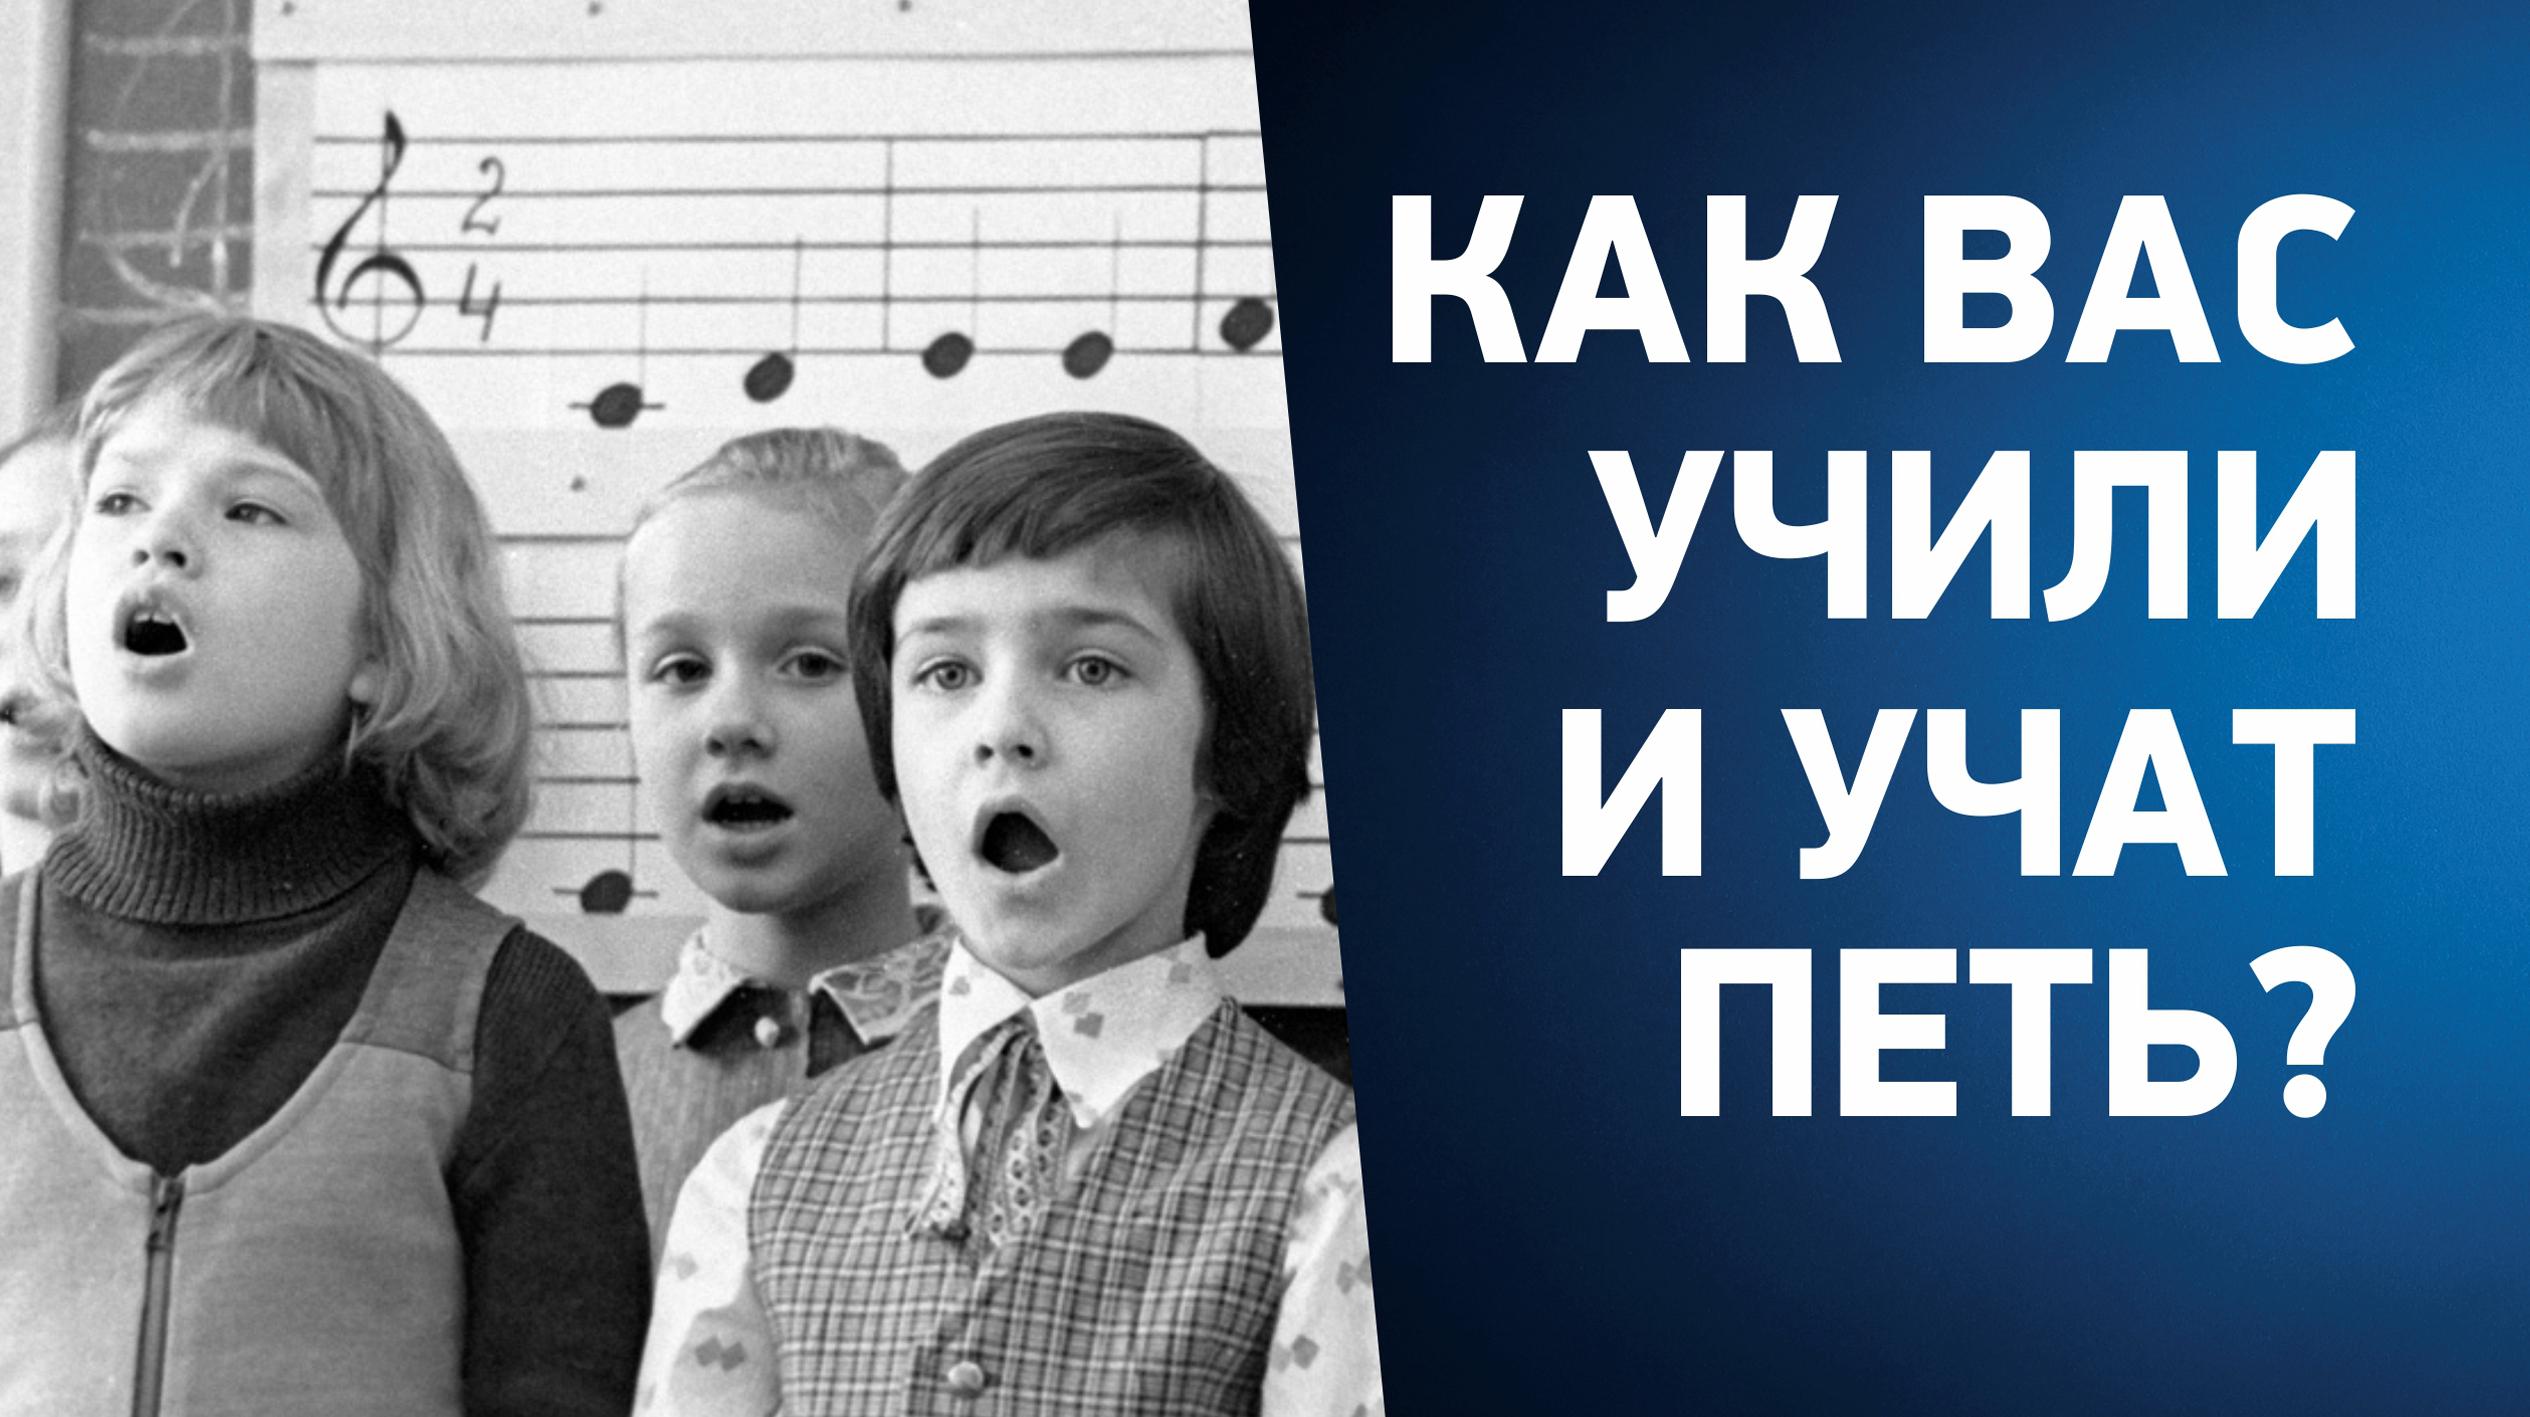 Как вас учили и учат петь?